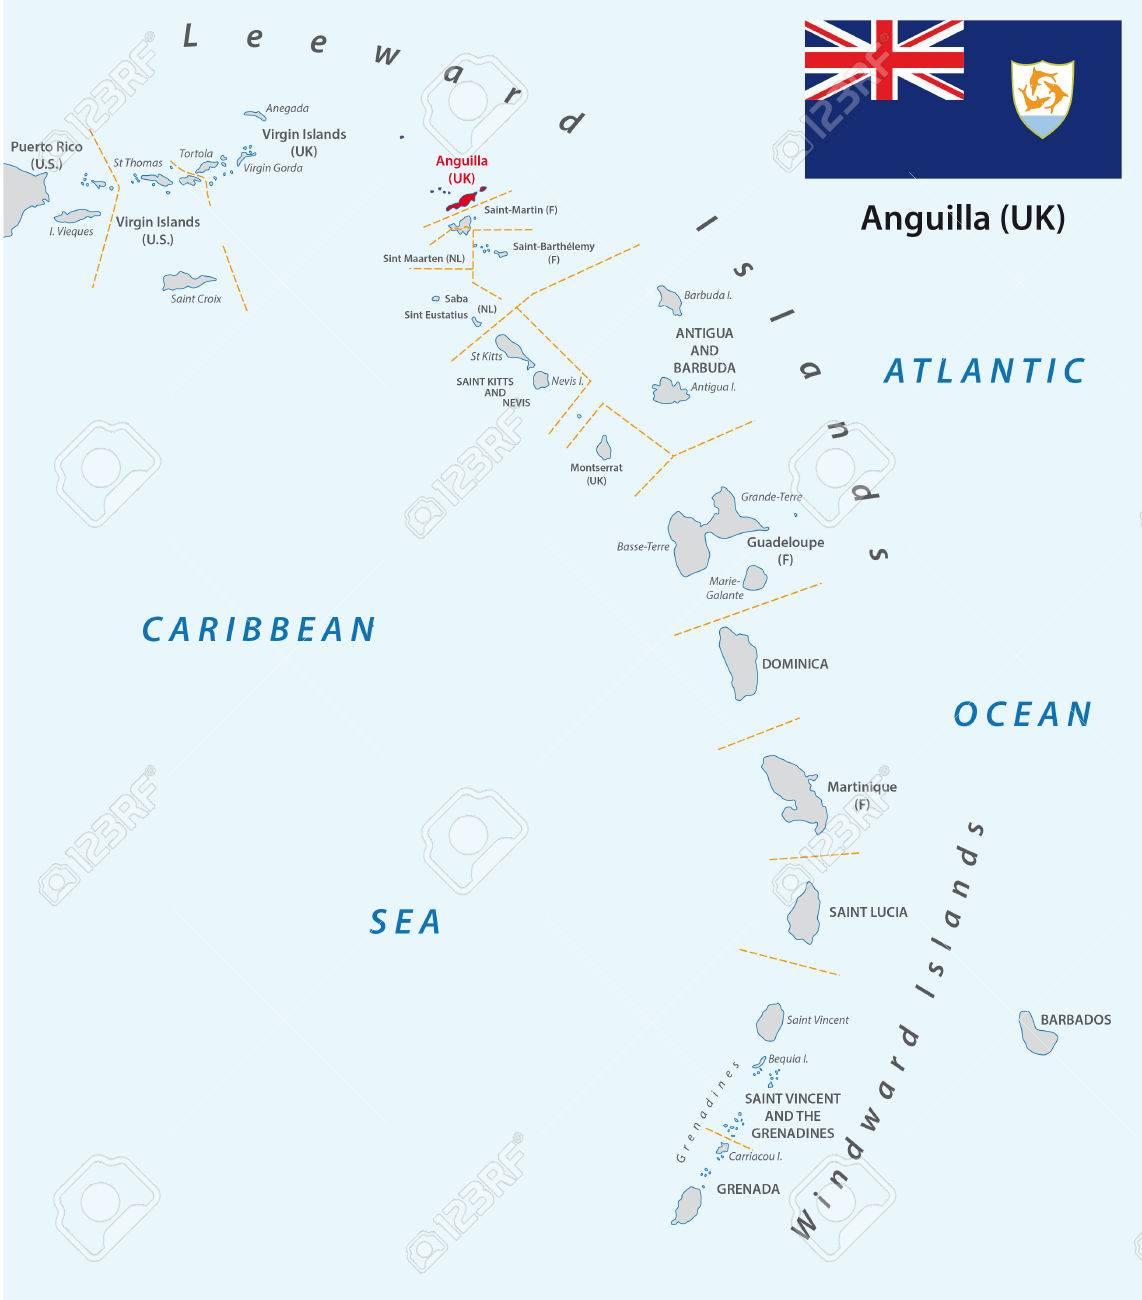 Kleine Antillen Karte.Stock Photo